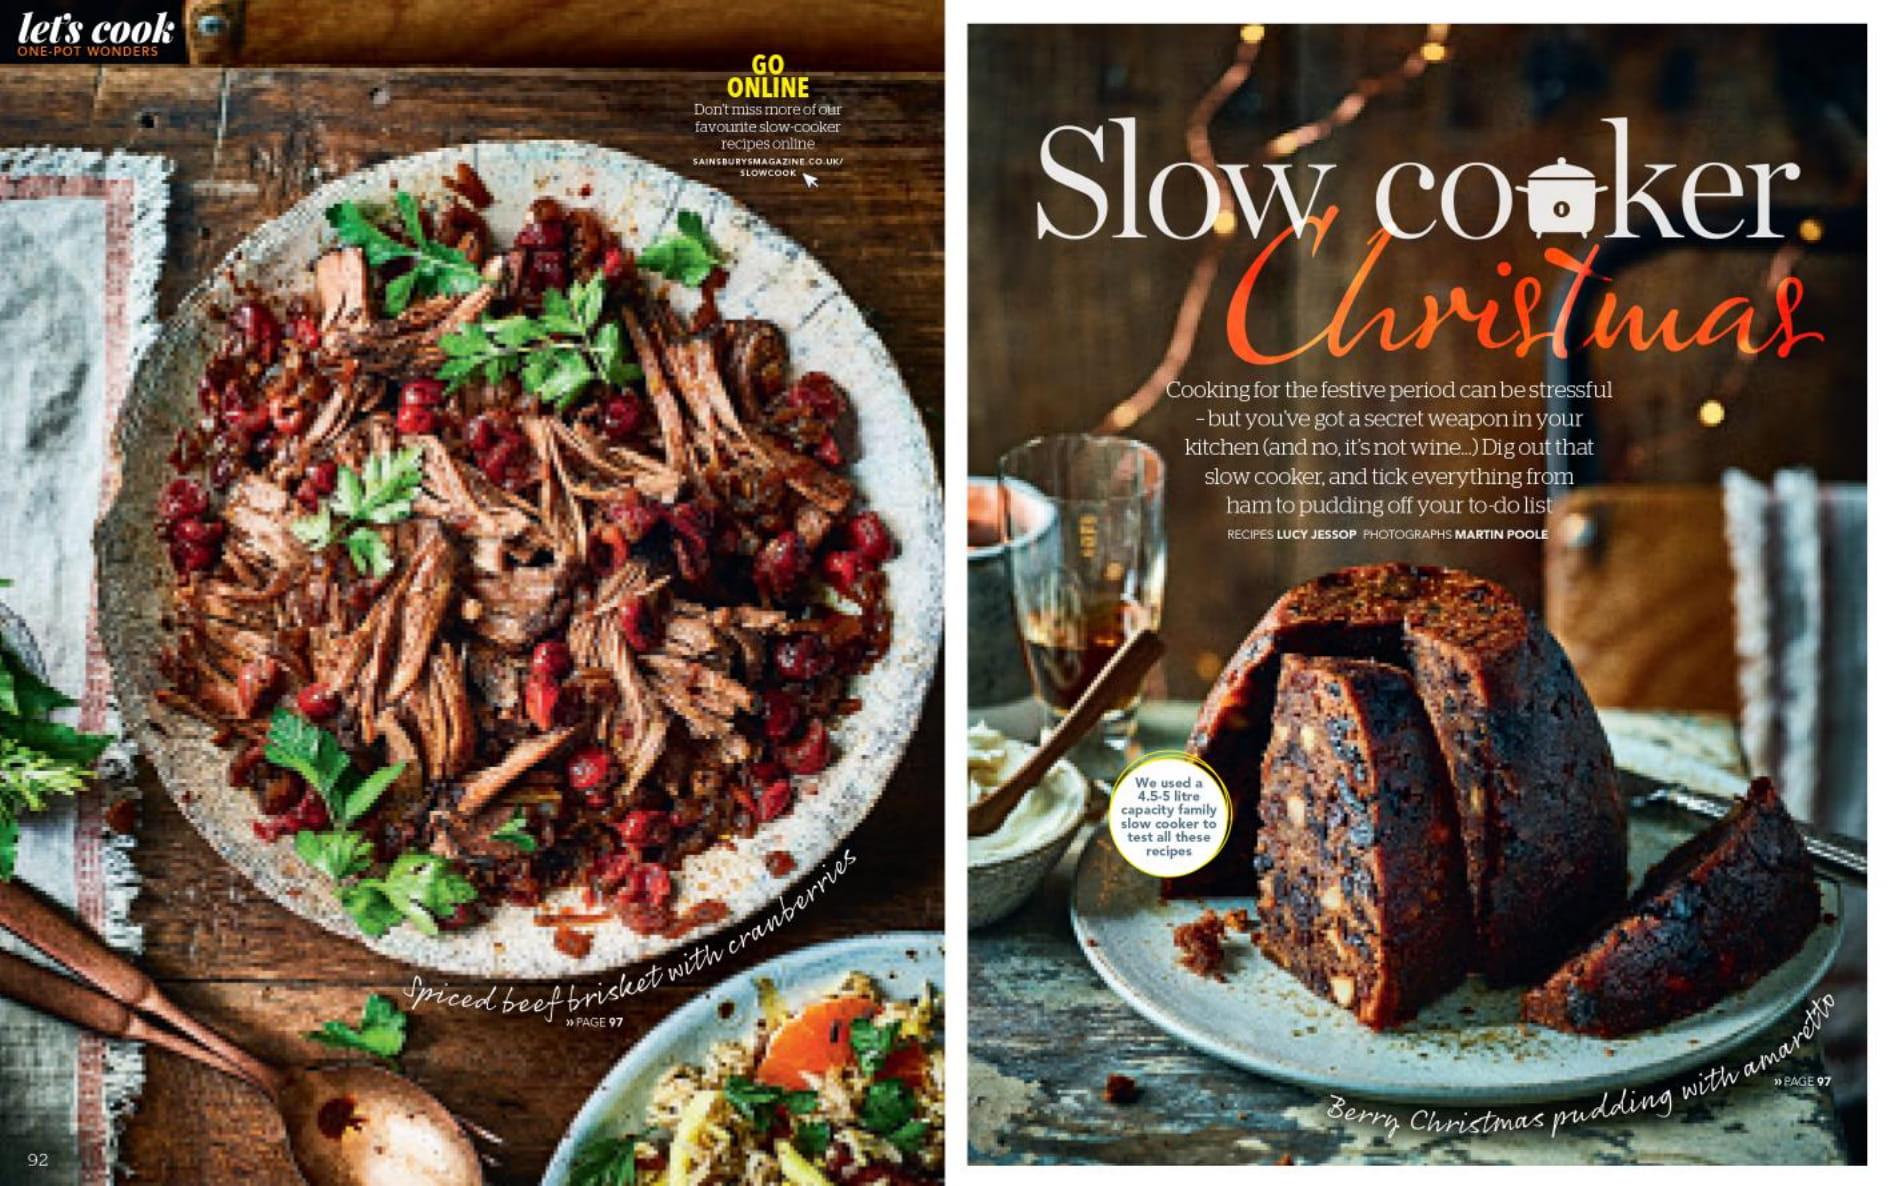 Slow Cooker Christmas-1-min-1.jpg